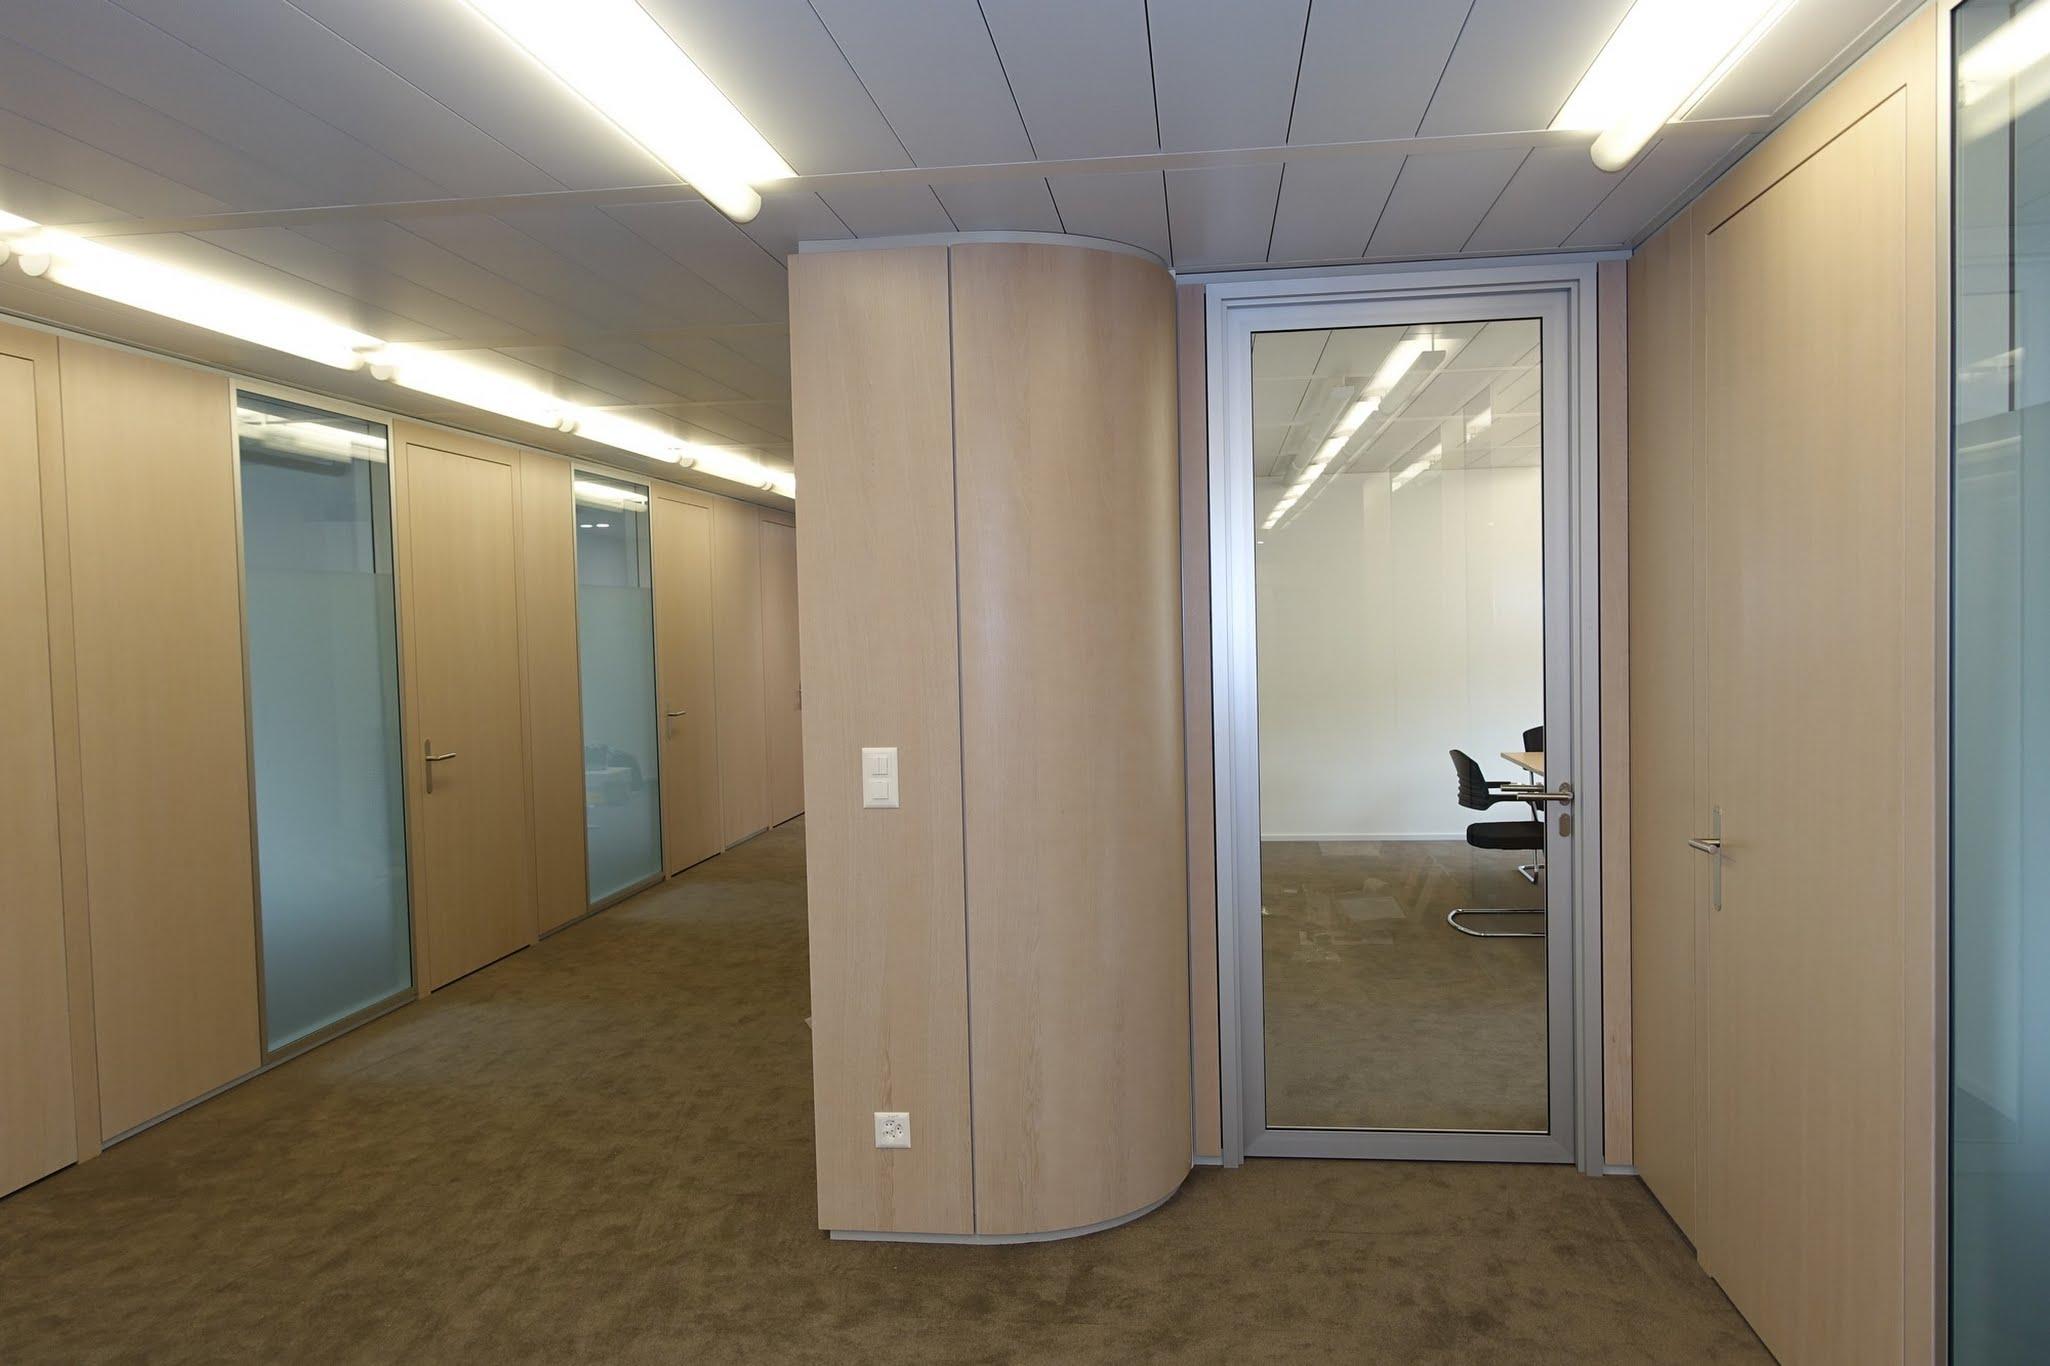 NovaPlain - Doppelverglasung,Leica Geosystems AG ,Deckensystem-Wandsysteme,Trennwände Büro,Ganzglaswände,Bürotrennwand,Akustikdecken,Schallschutzdecken,Trennwände,Glaswände,Faltwände,Raumgestaltung,Trennwand Systeme